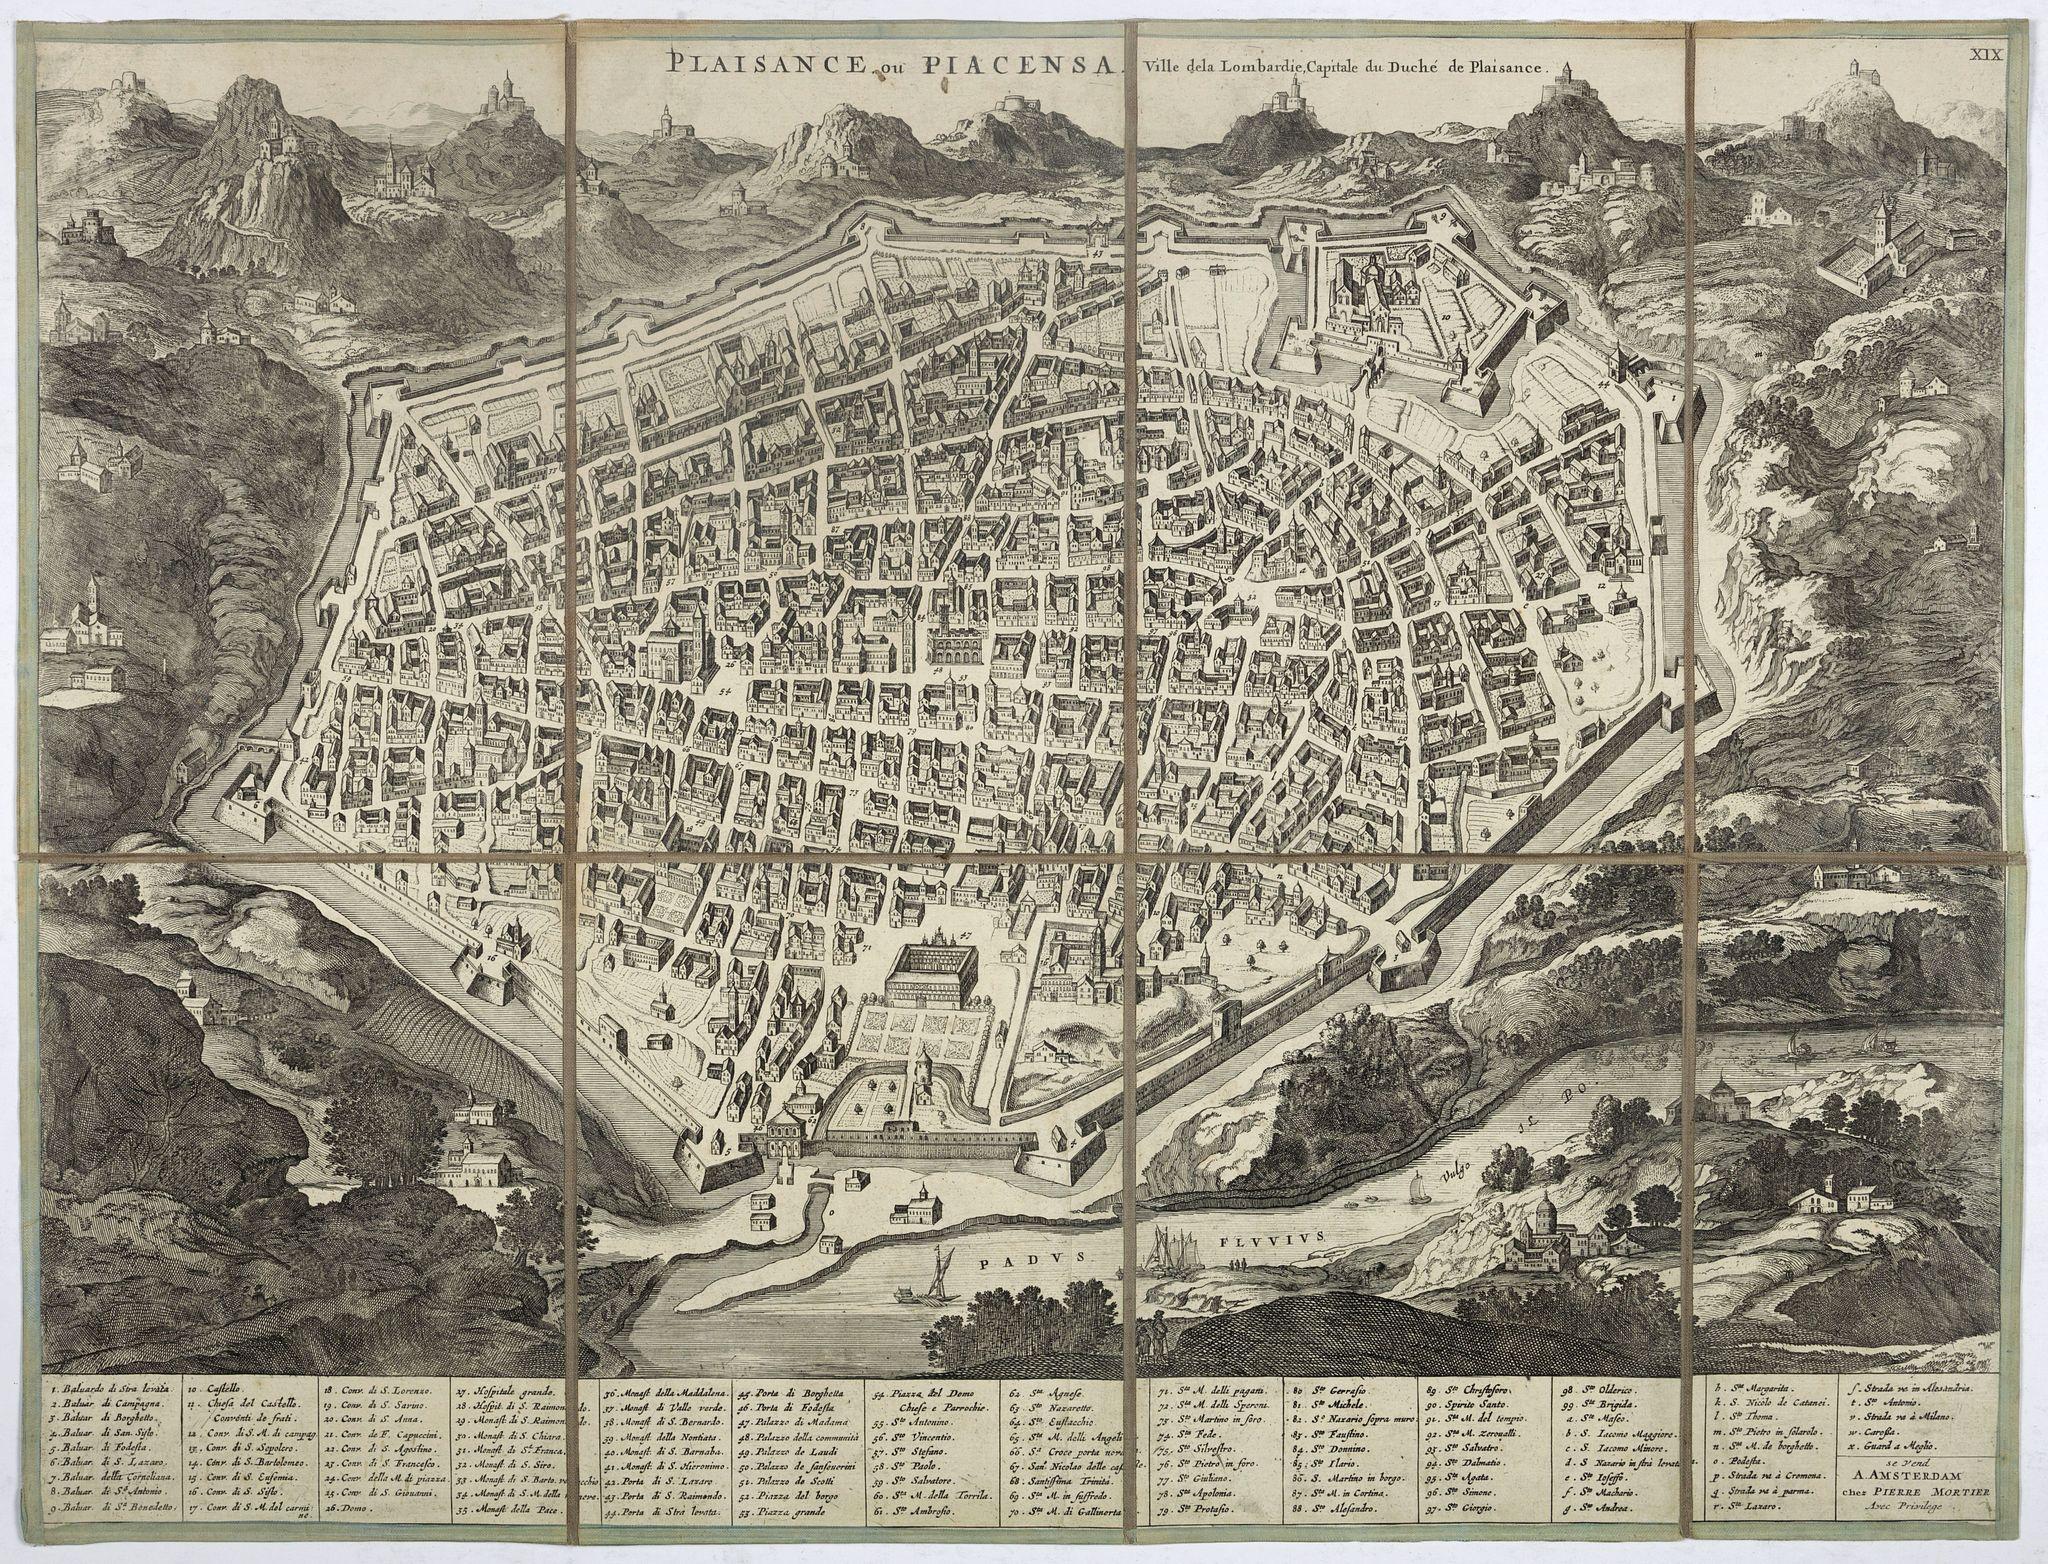 MORTIER, P. -  Plaisance ou Piacensa, ville de la Lombardie, capitale du duché de Plaisance.